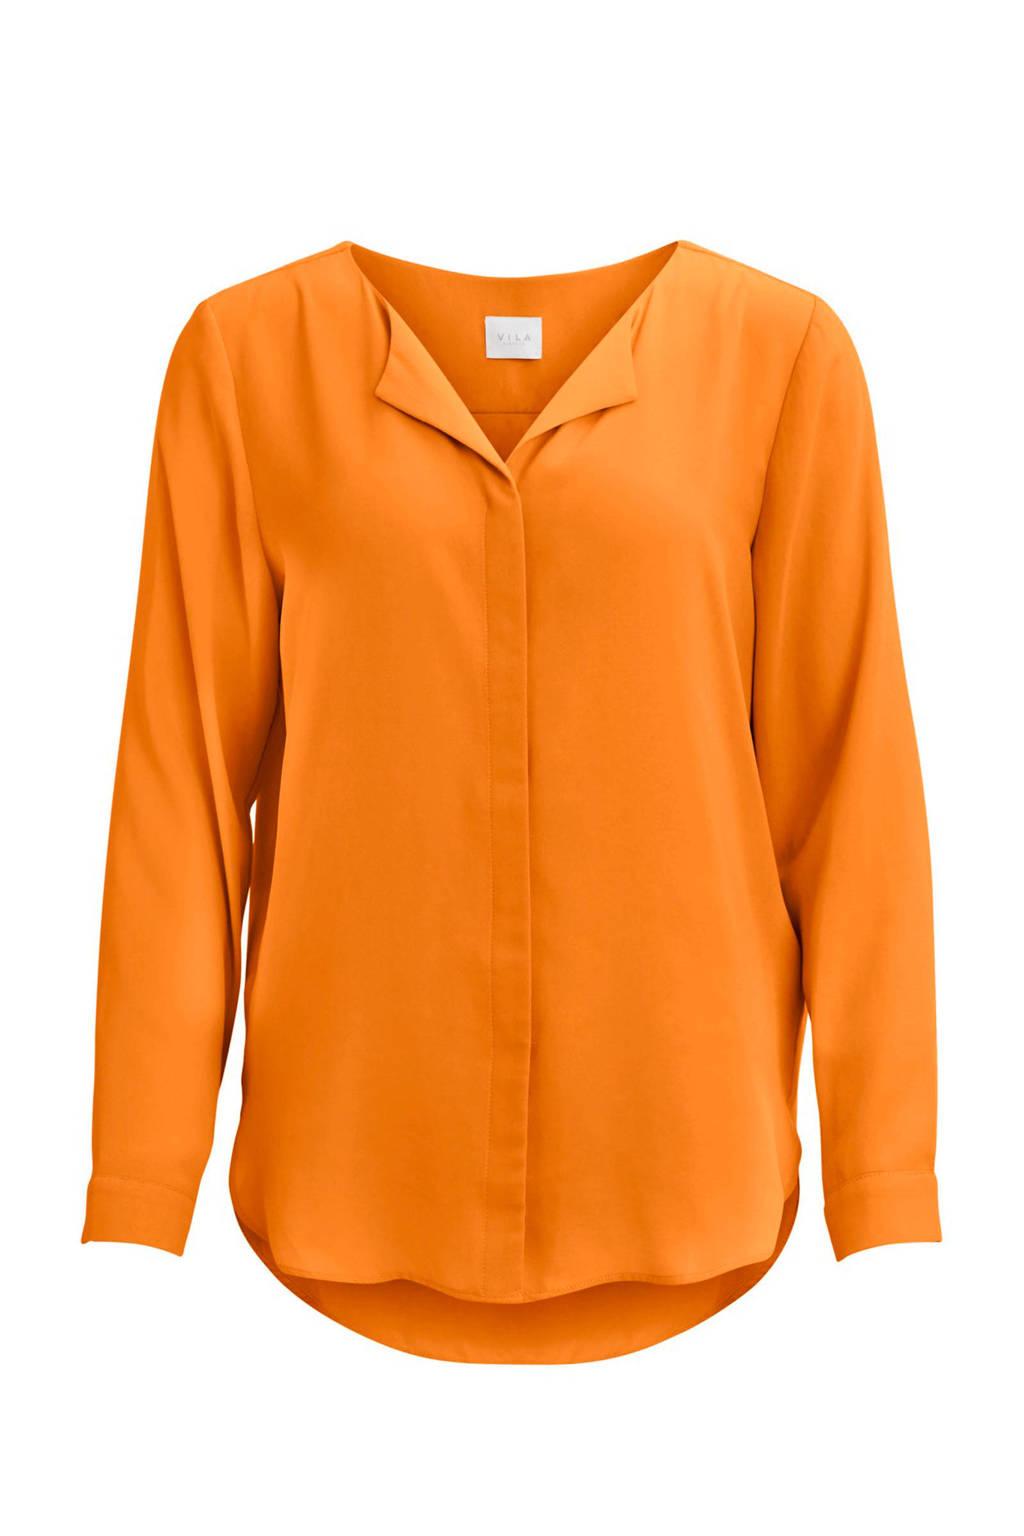 VILA blouse oranje, Oranje